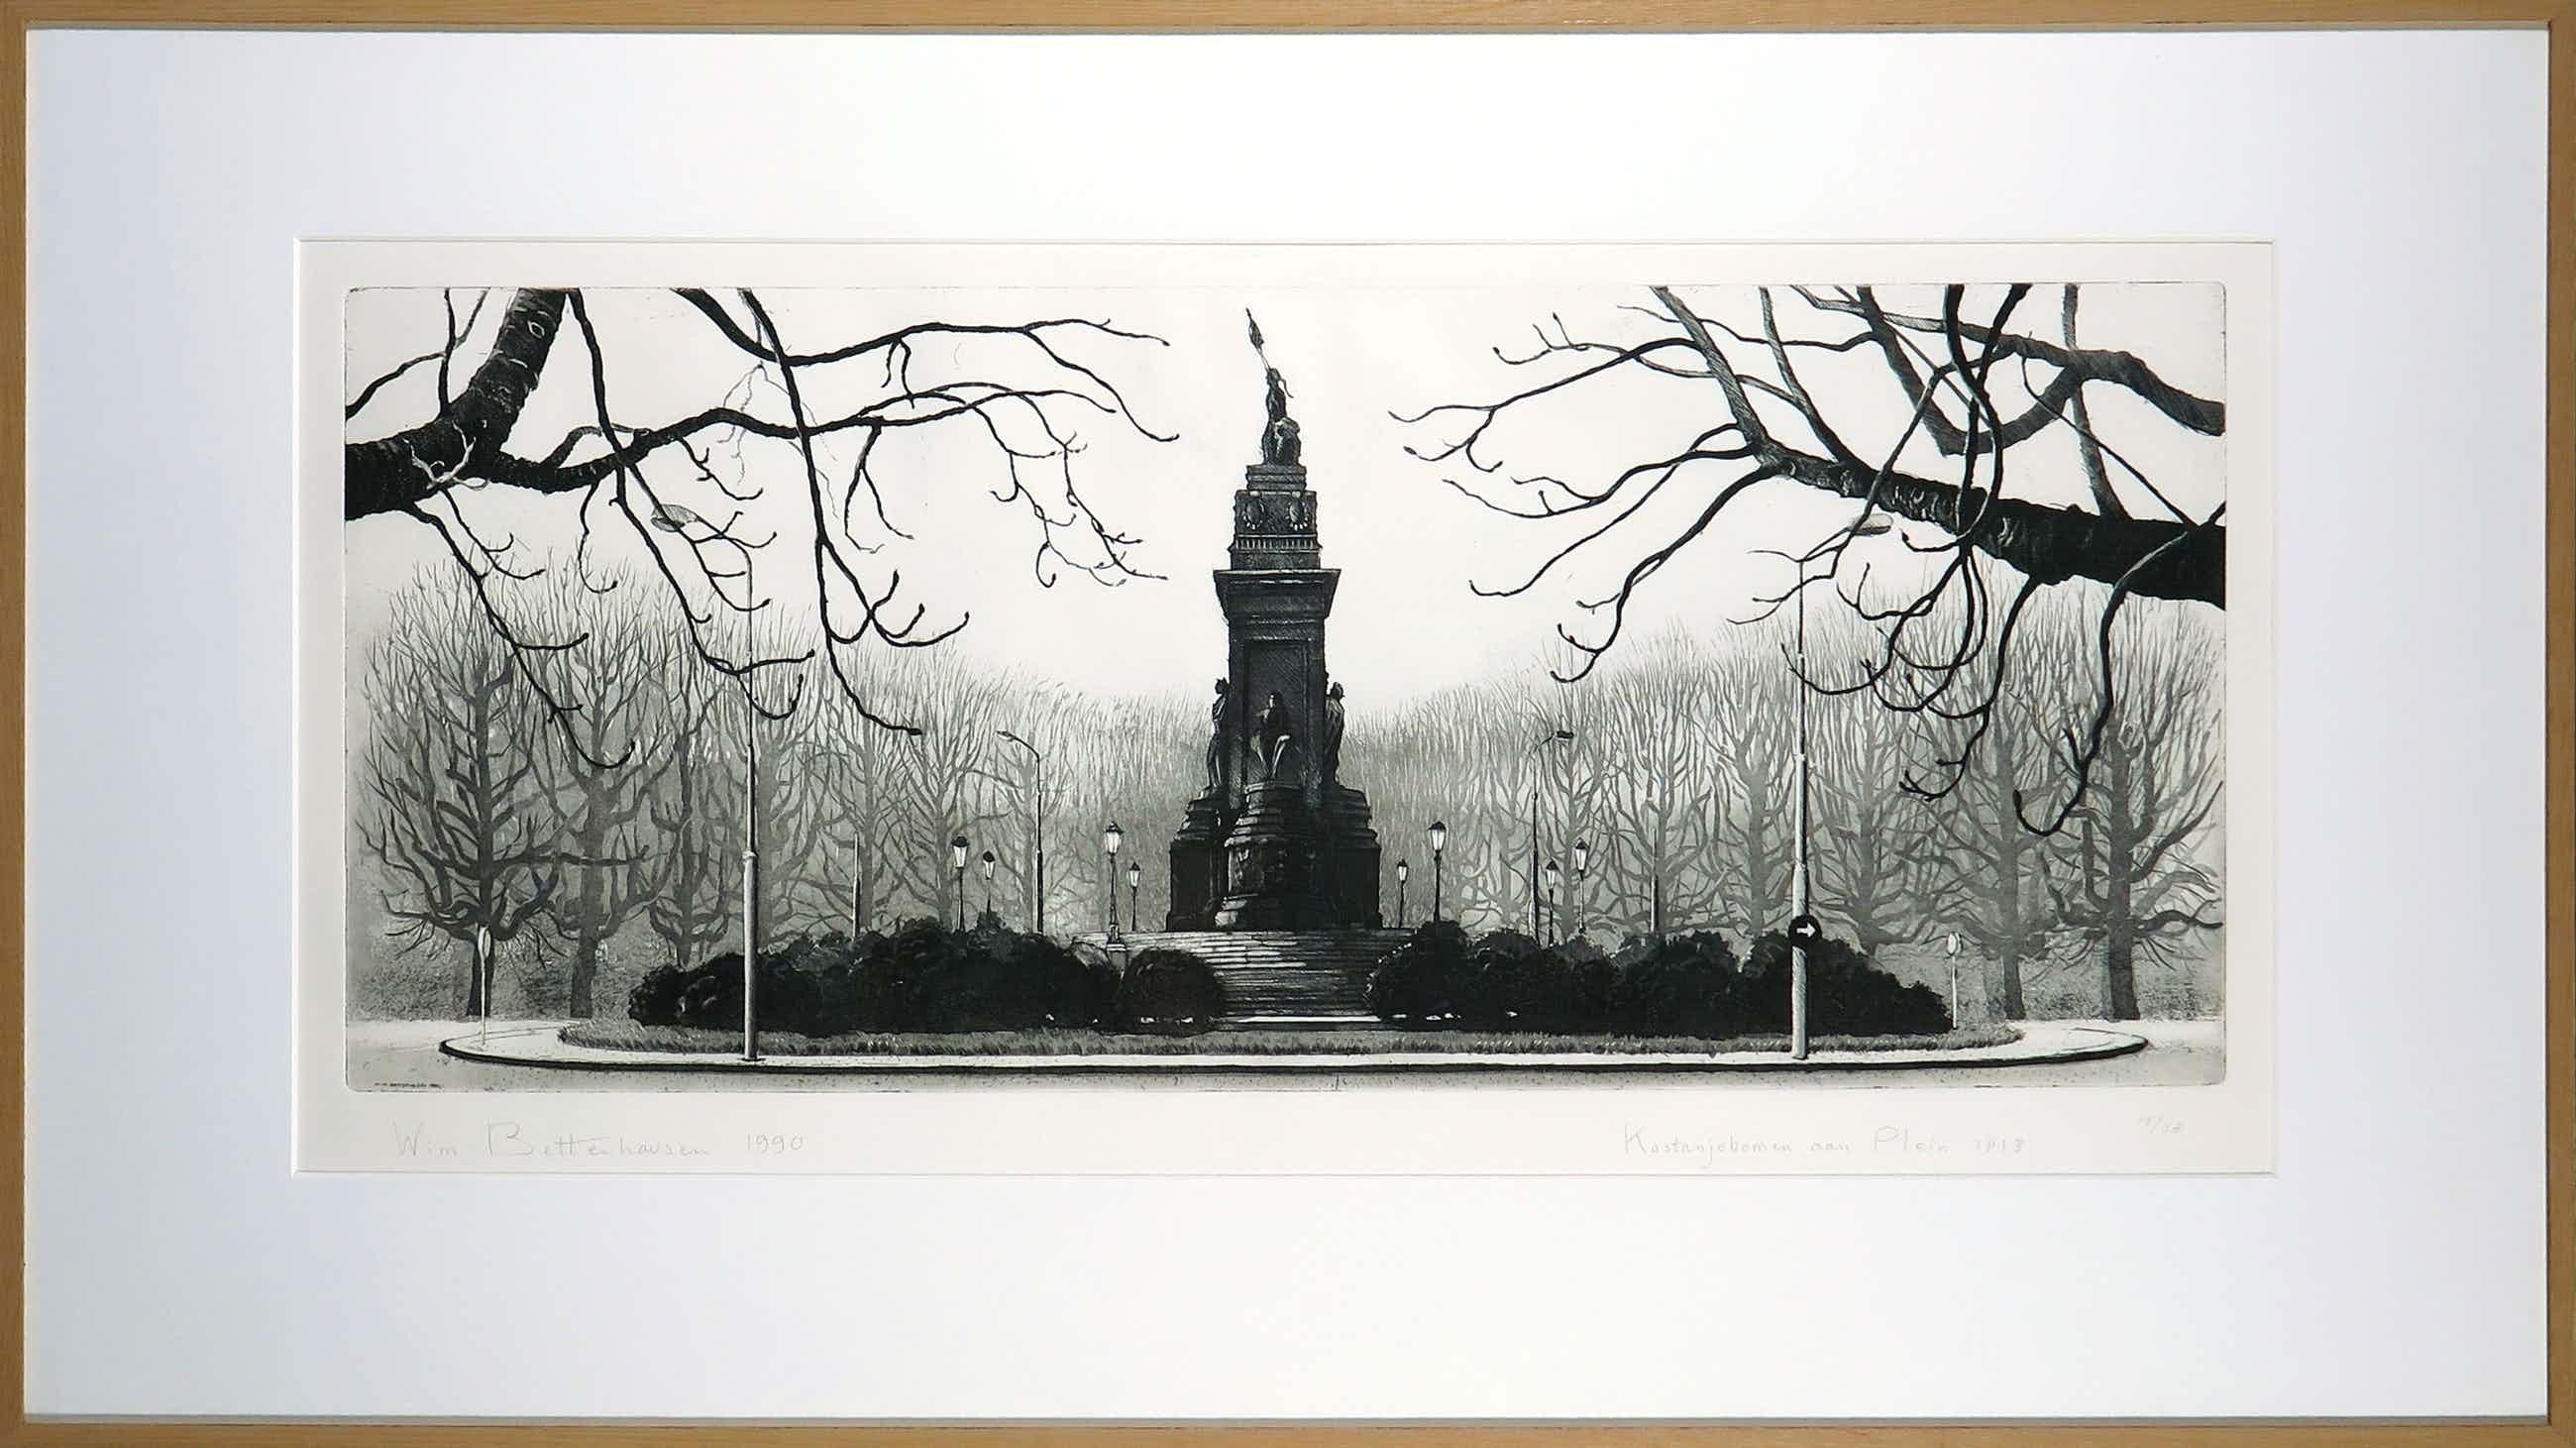 Wim Bettenhausen - Ets, Kastanjebomen aan Plein 1813 - Ingelijst kopen? Bied vanaf 100!